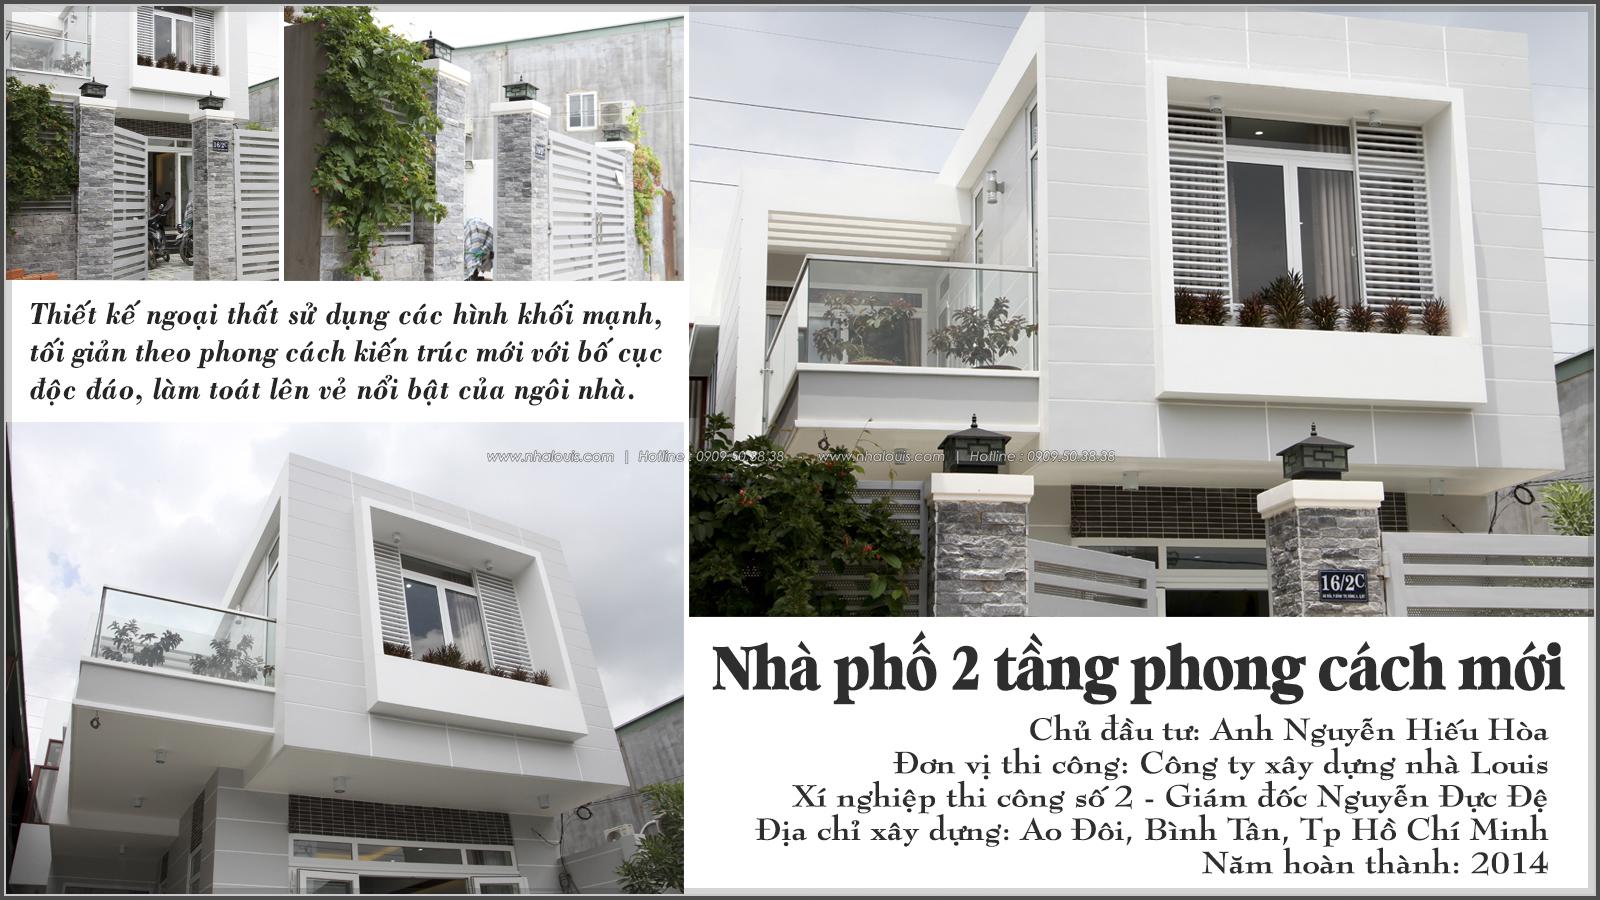 Thi công xây dựng nhà phố 1 trệt 1 lầu quận Bình Tân - 01